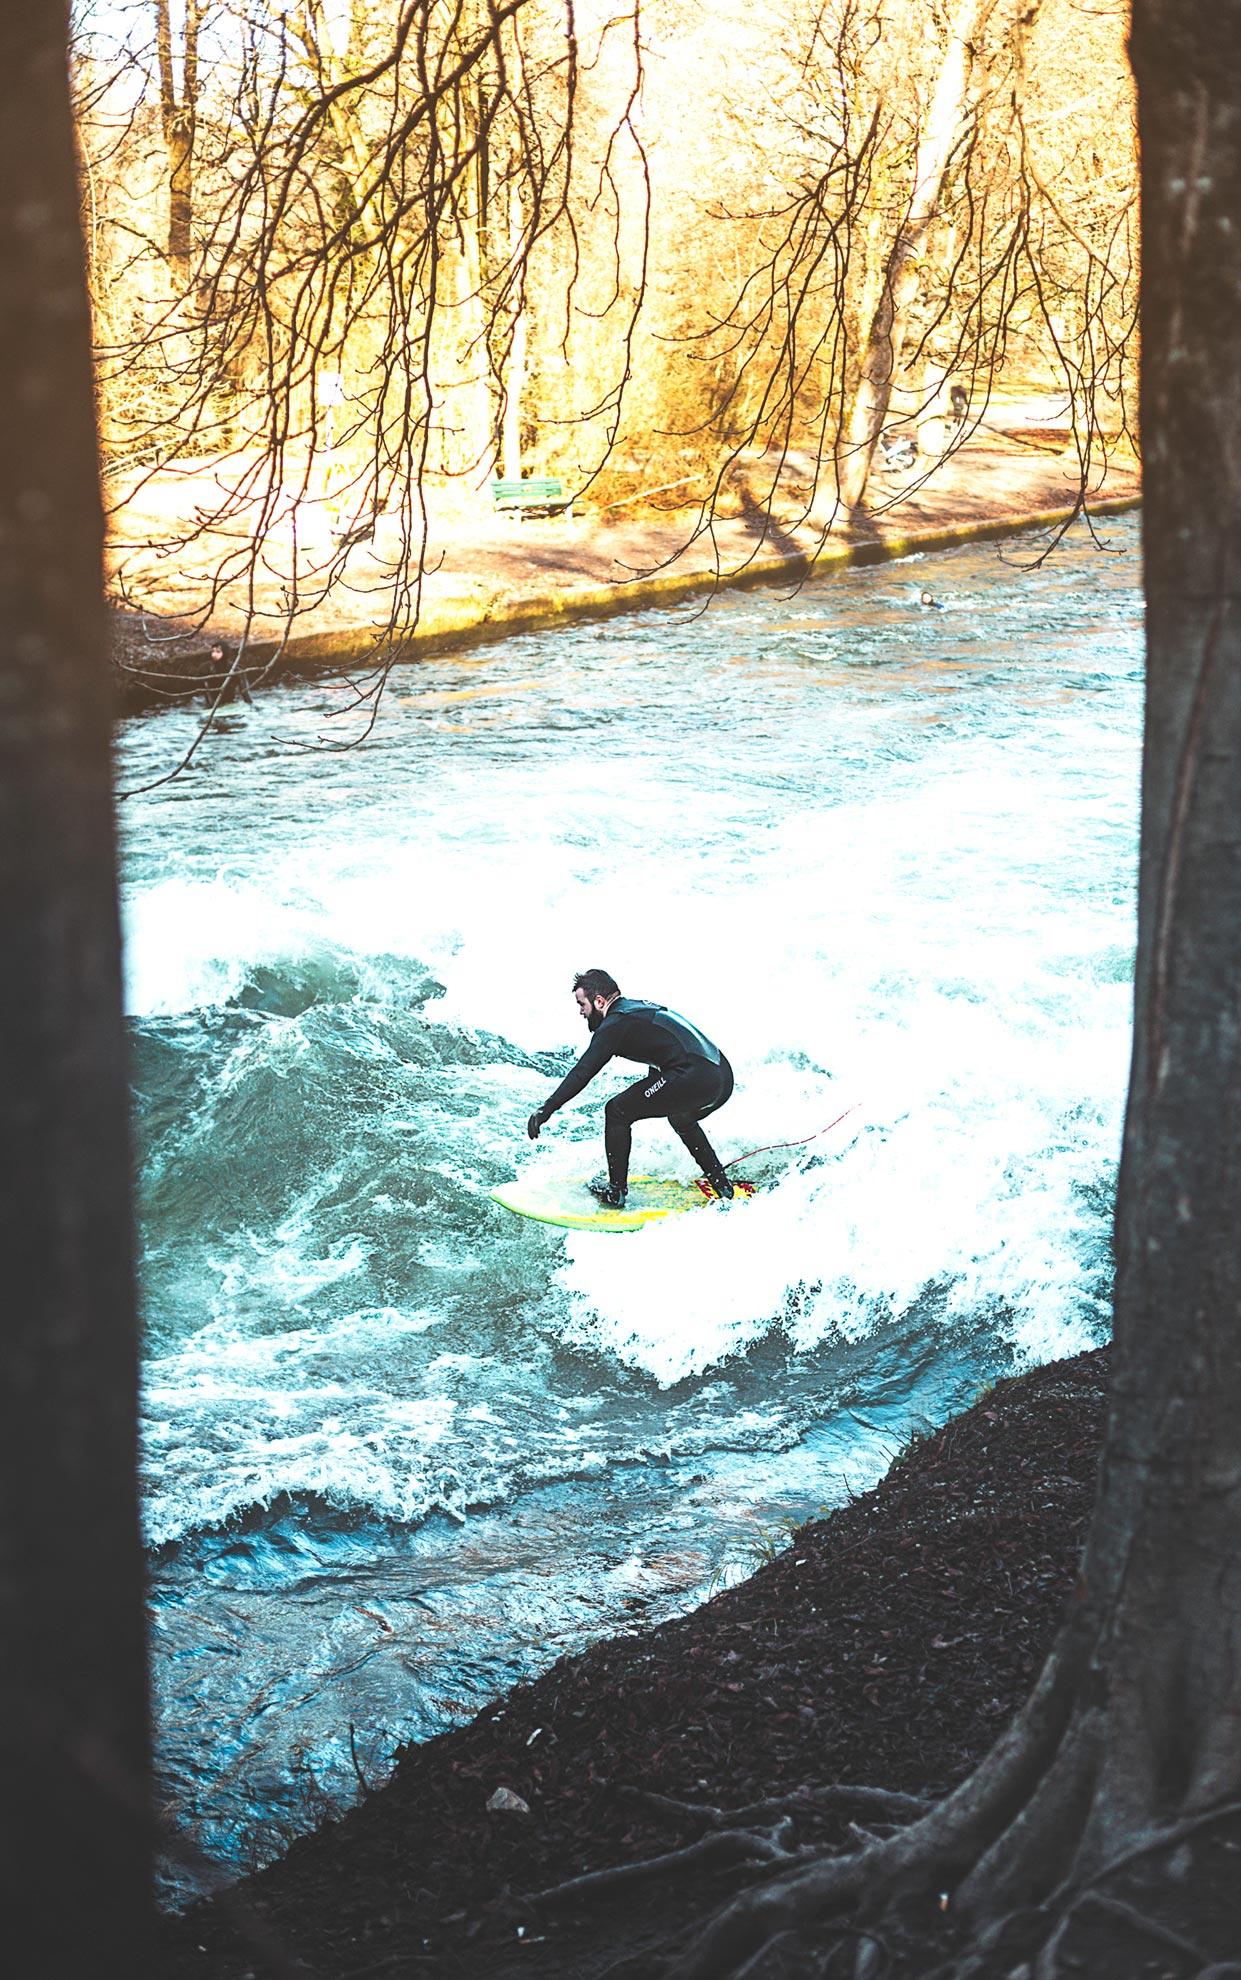 munchen_riversurfing_matkailu_travel_surf_joki